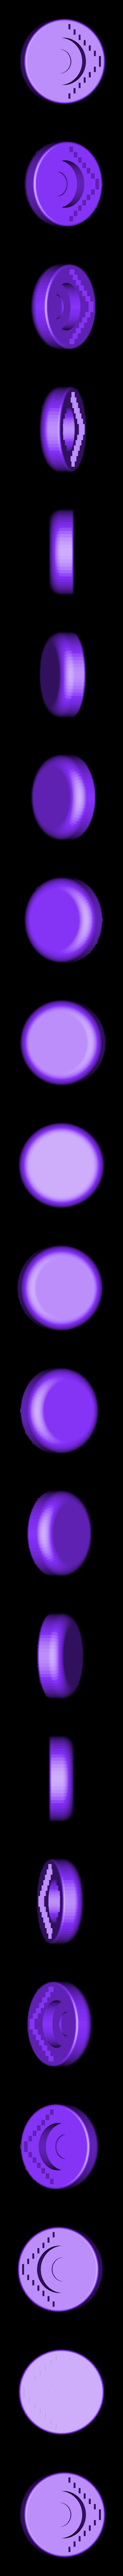 fractallampbase.stl Download free STL file Fractal Led Lamp • 3D printer object, ChrisBobo